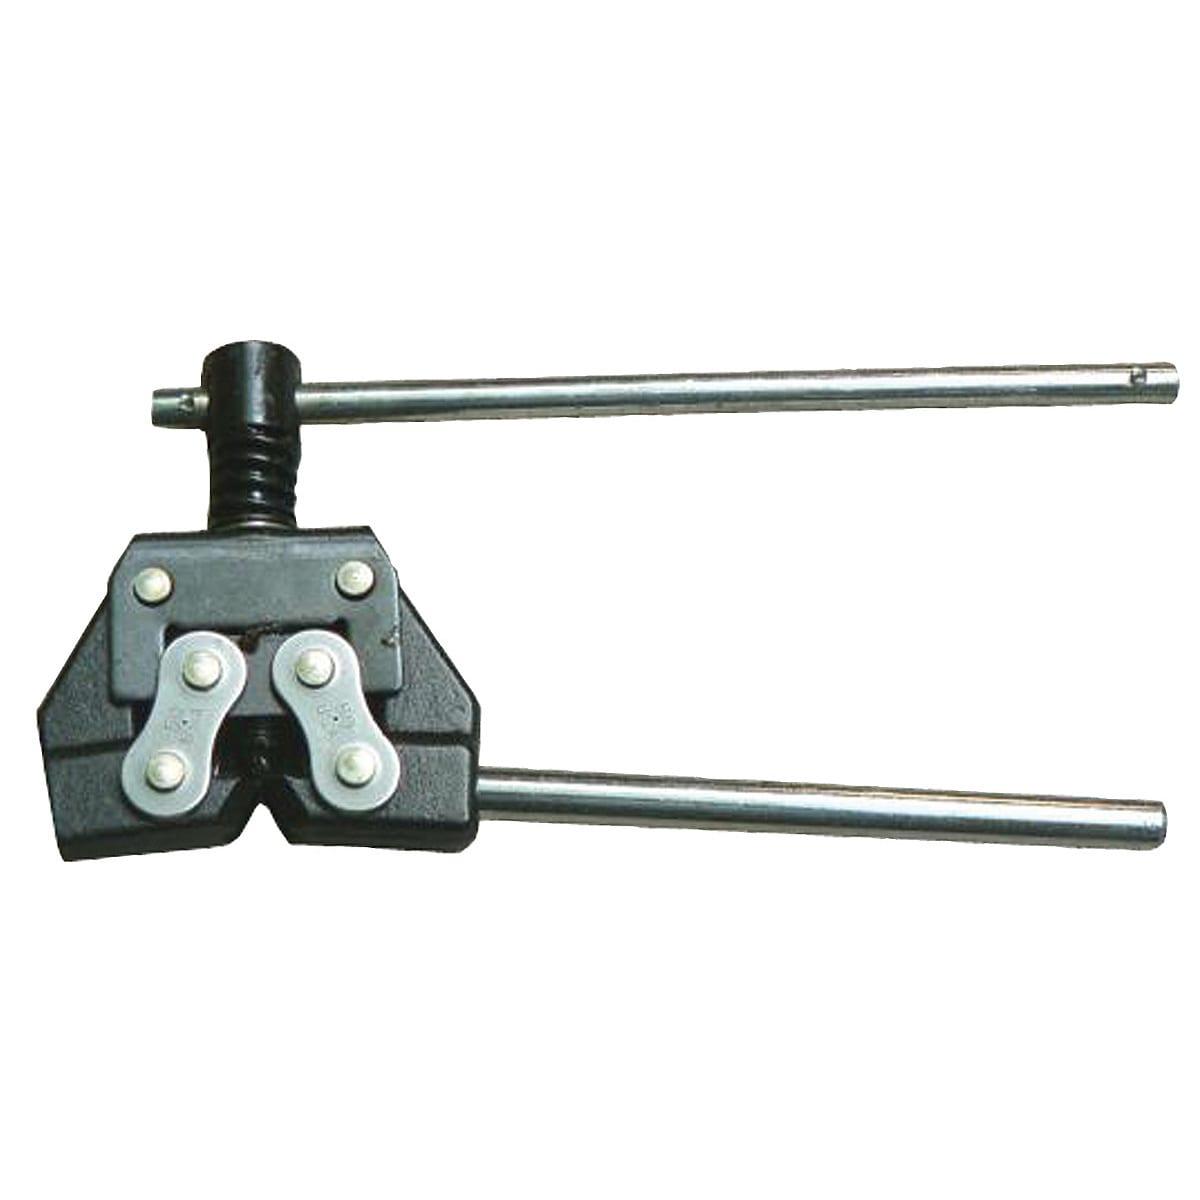 Koch Industries 7725010 #25 To #60 Roller Chain Breaker (...